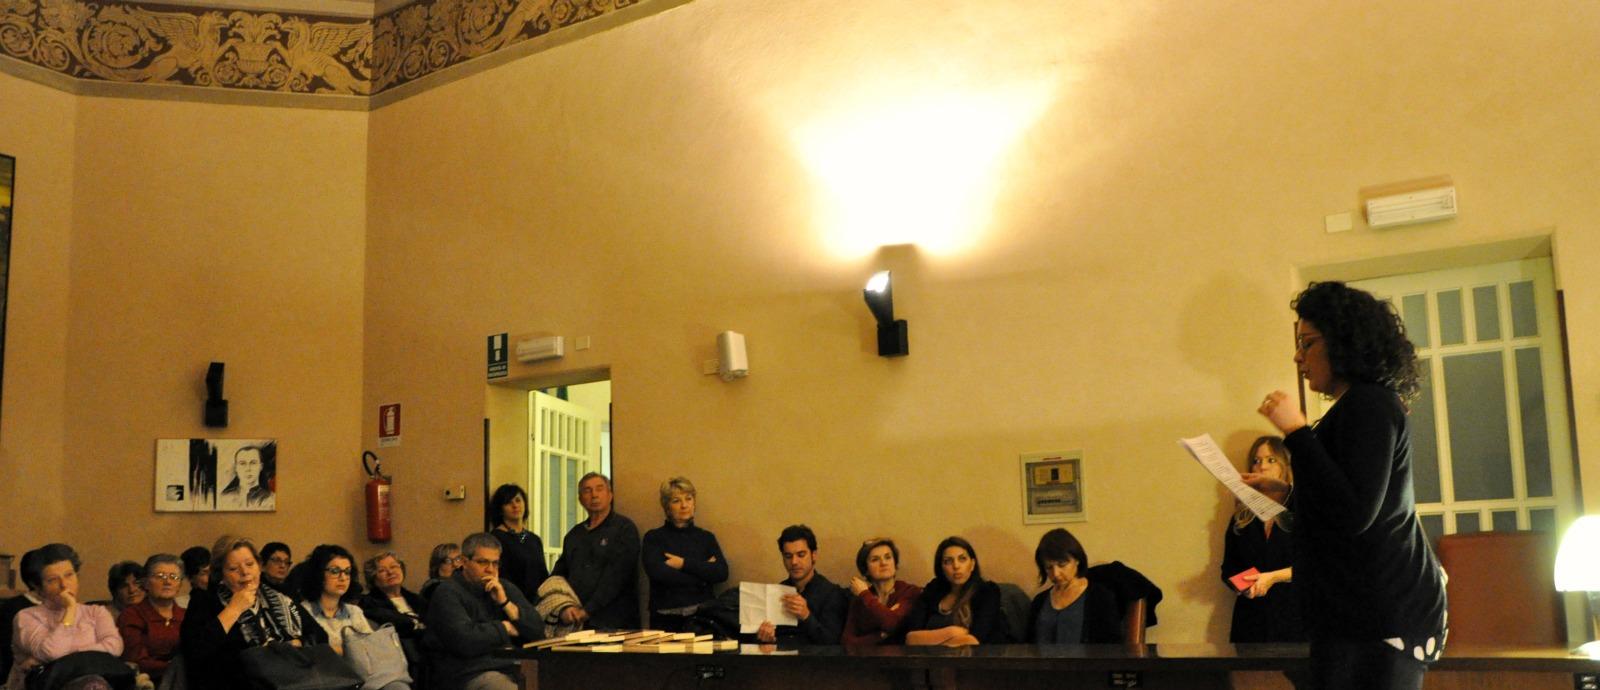 2-Francesca-Montanari-di-Cortocircuito